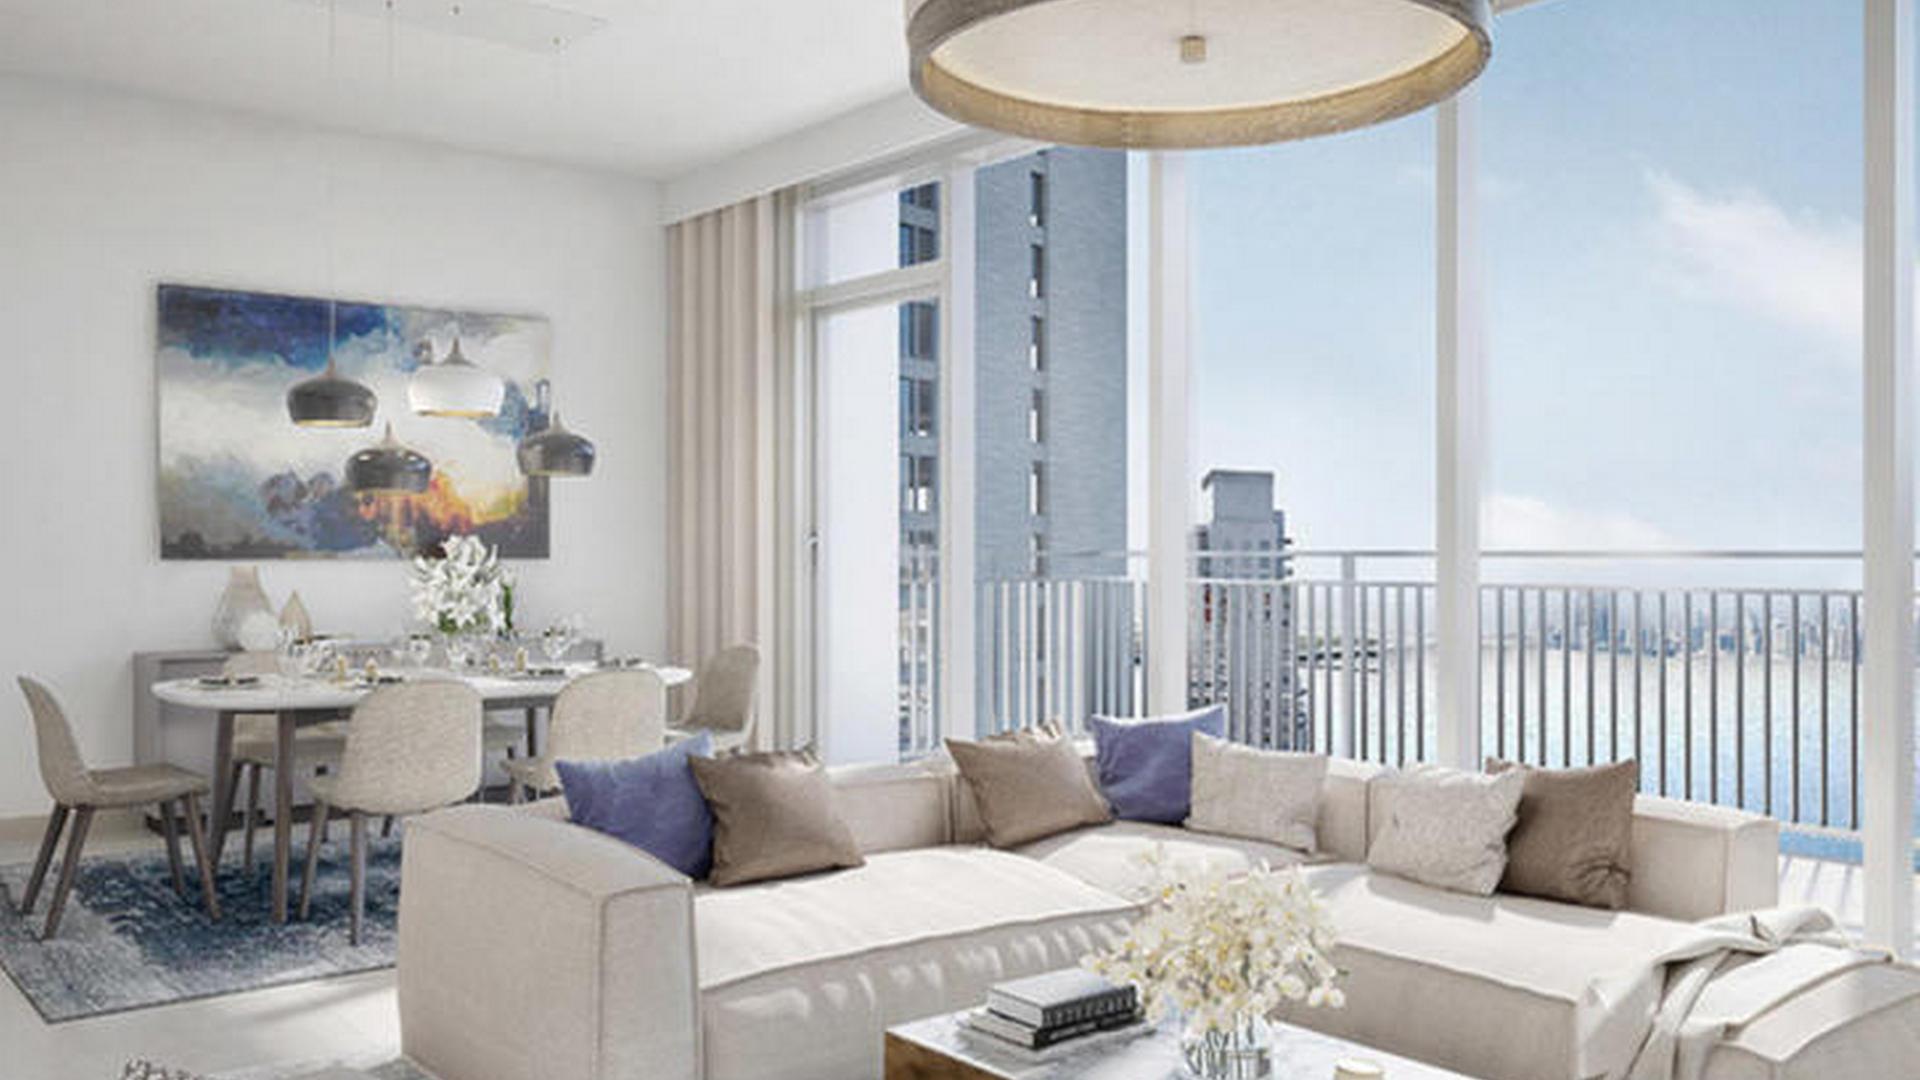 Apartamento en venta en Dubai, EAU, 3 dormitorios, 142 m2, № 24593 – foto 1